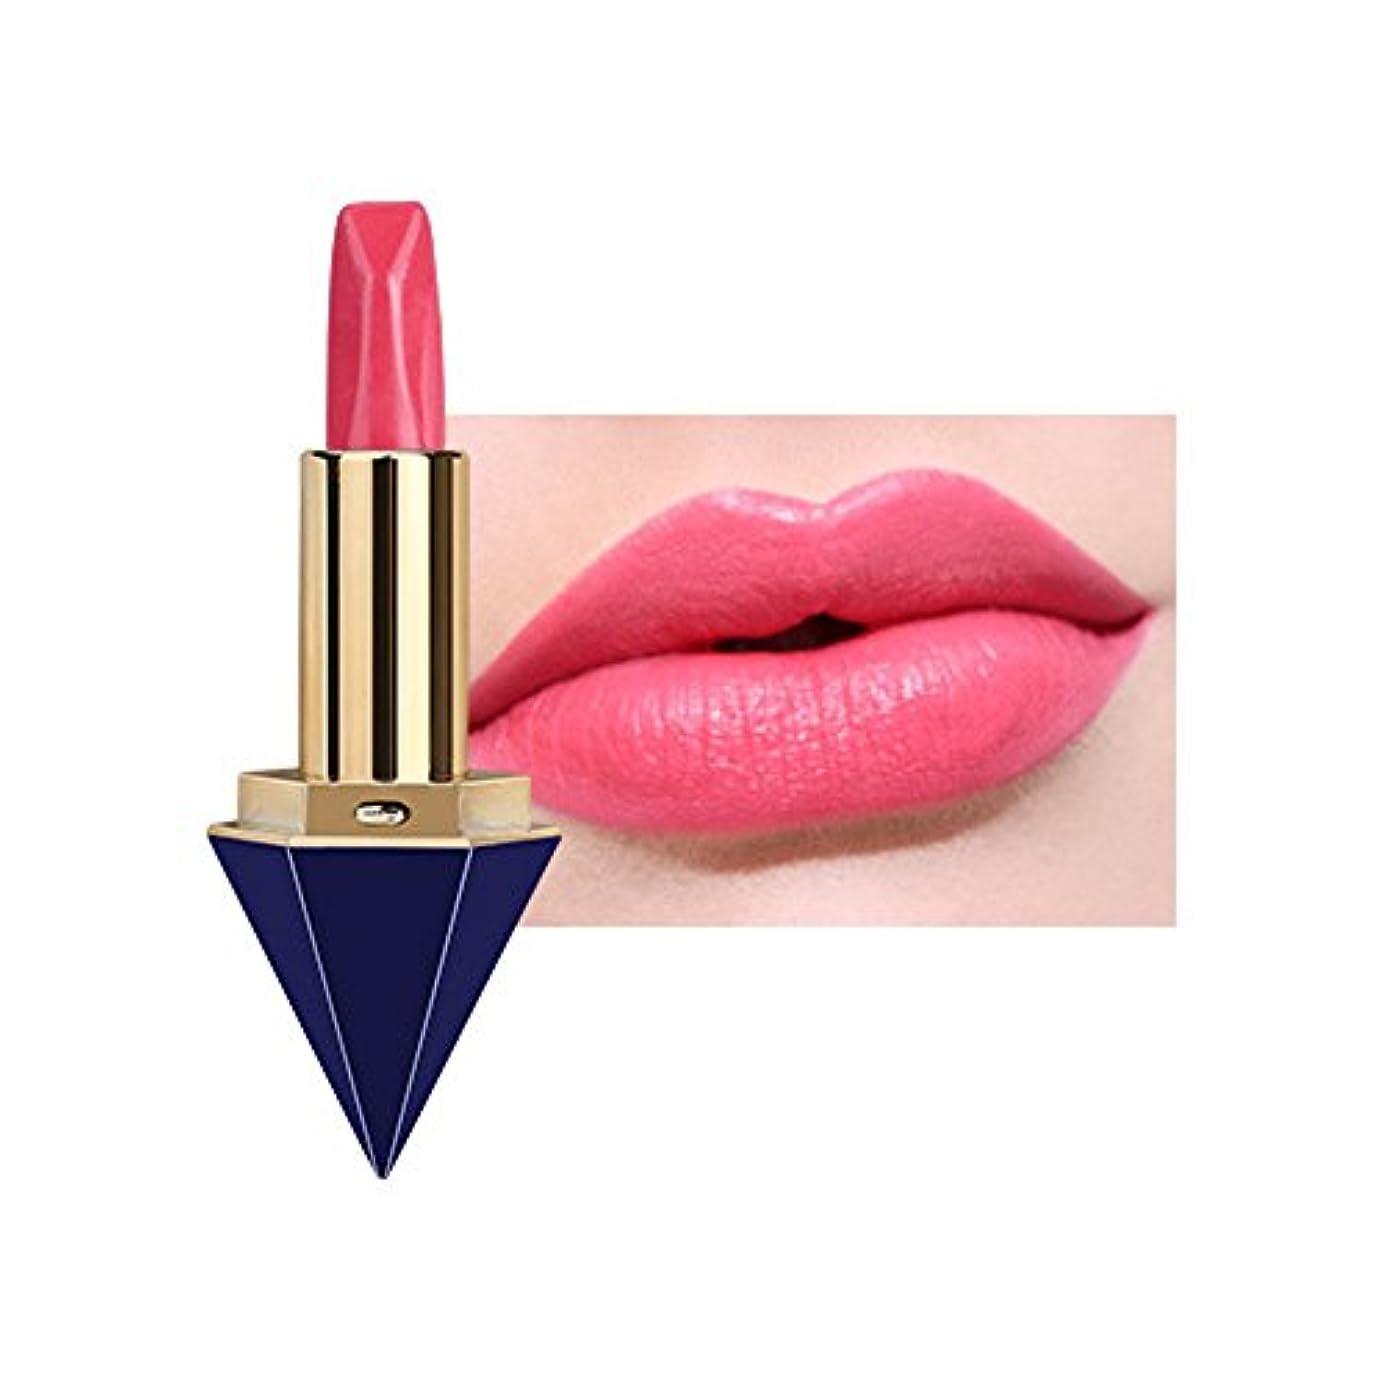 感謝祭思慮深い確立しますDoitsa リップグロス 液体リップ 口紅 メイク 唇 美容 化粧 防水 明るい マット スムース 魅力 多彩 防水 人気 おしゃれ レディース